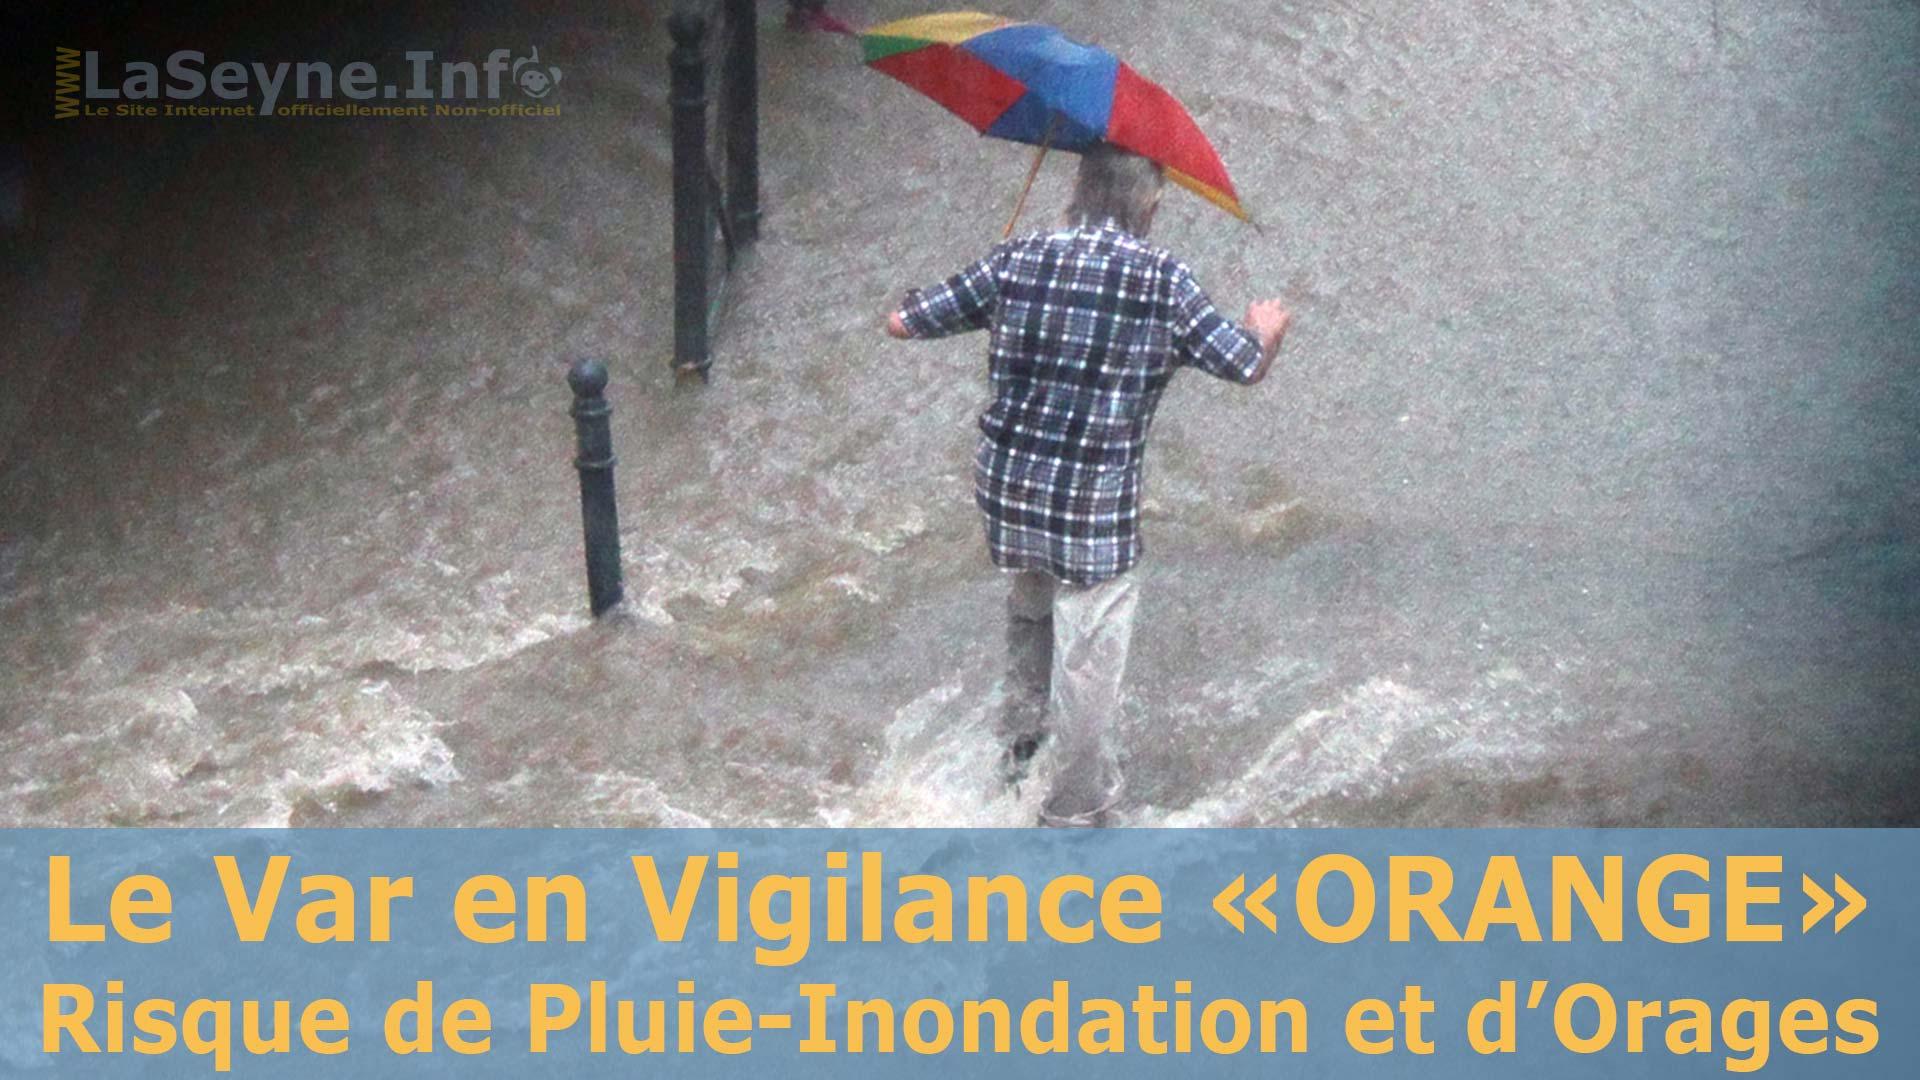 Le Var en Vigilance «ORANGE» pour un Risque de Pluie-Inondation 10/10/2018